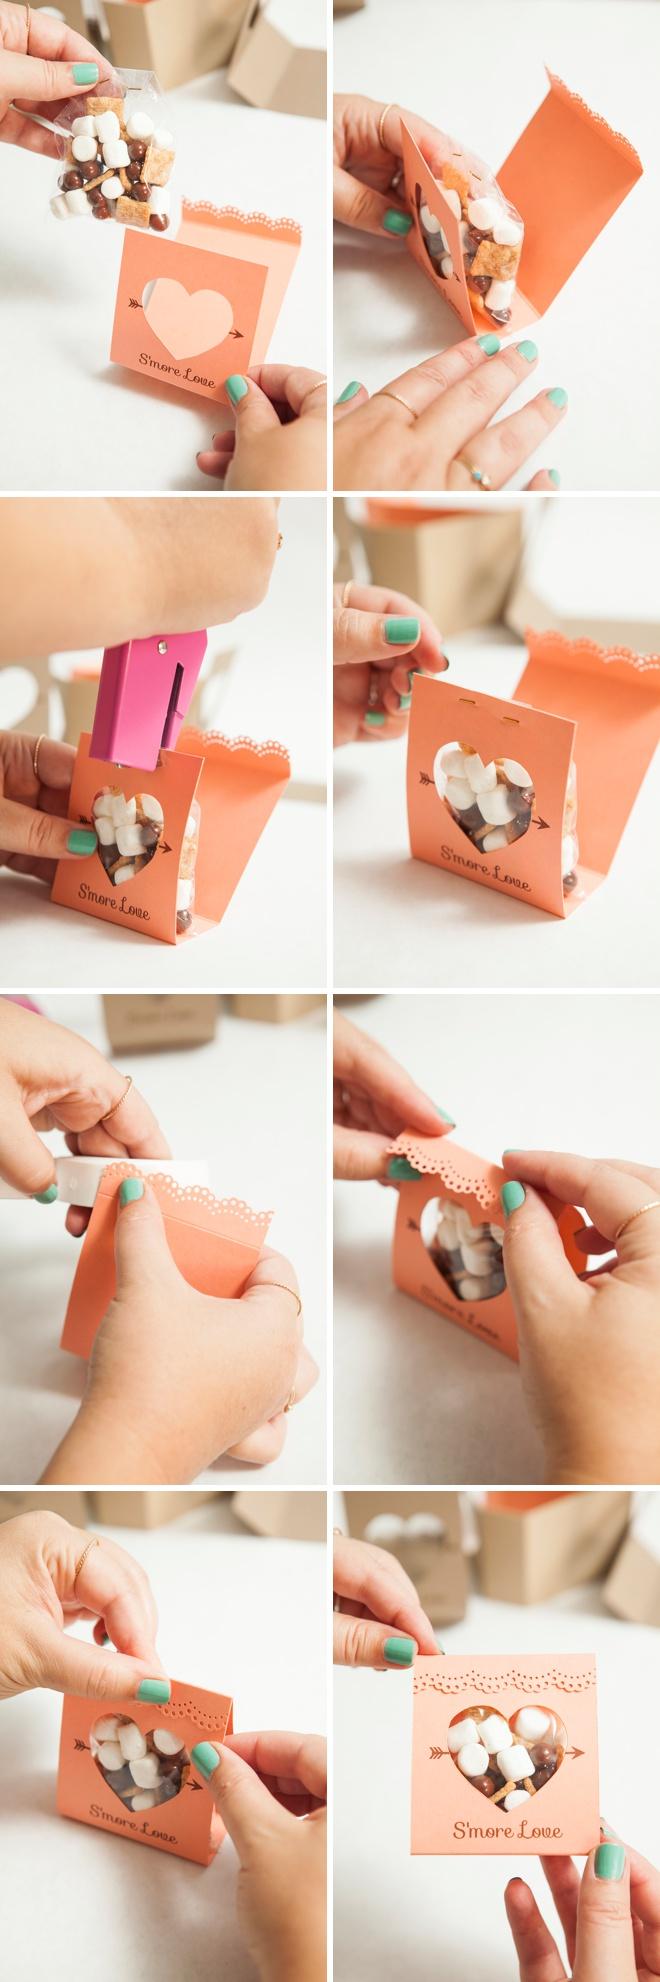 how to make a smore